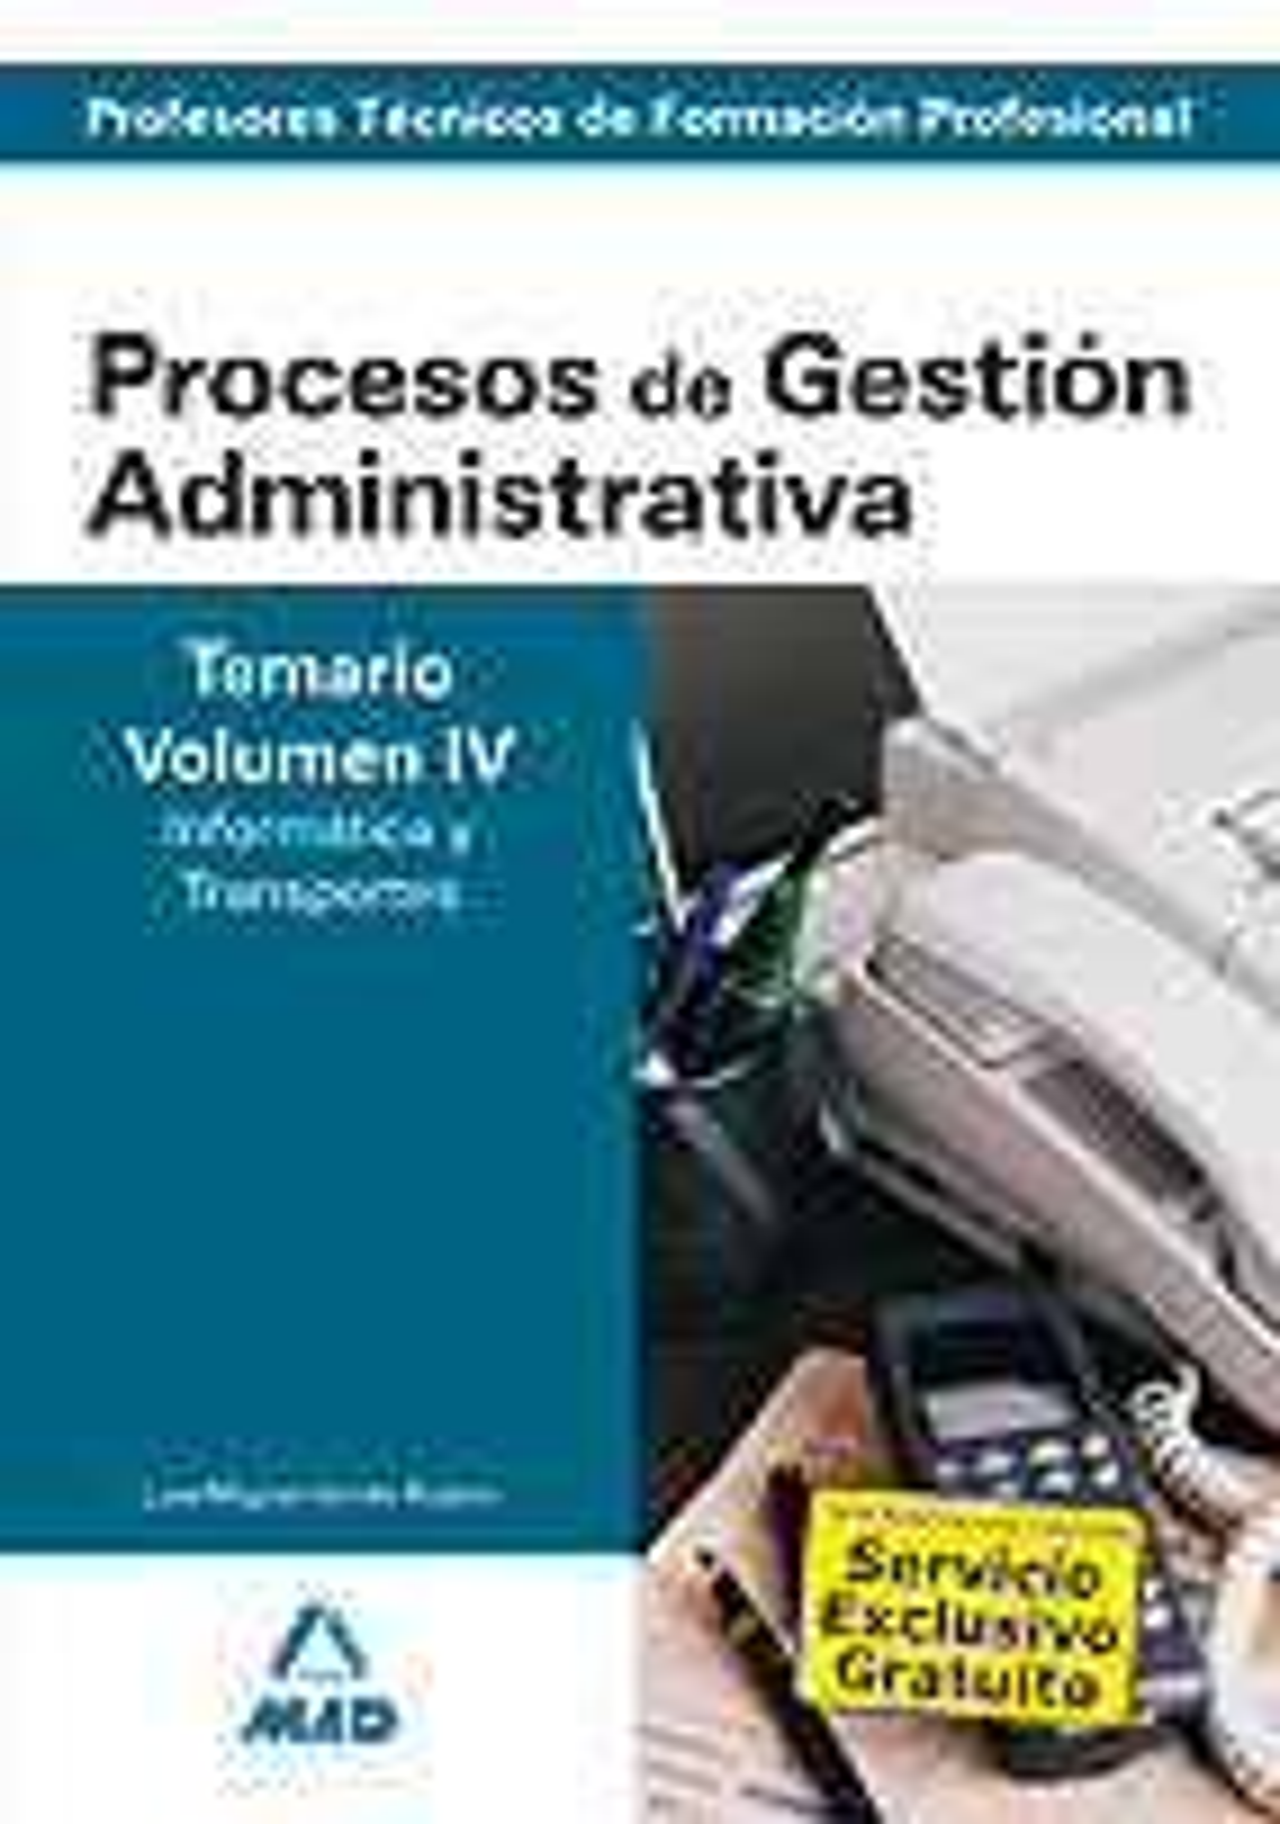 Cuerpo De Profesores Tecnicos De Formacion Profesional. Procesos De Gestion Administrativa. Temario (vol. Iv). Informatica Y Transportes por Vv.aa.